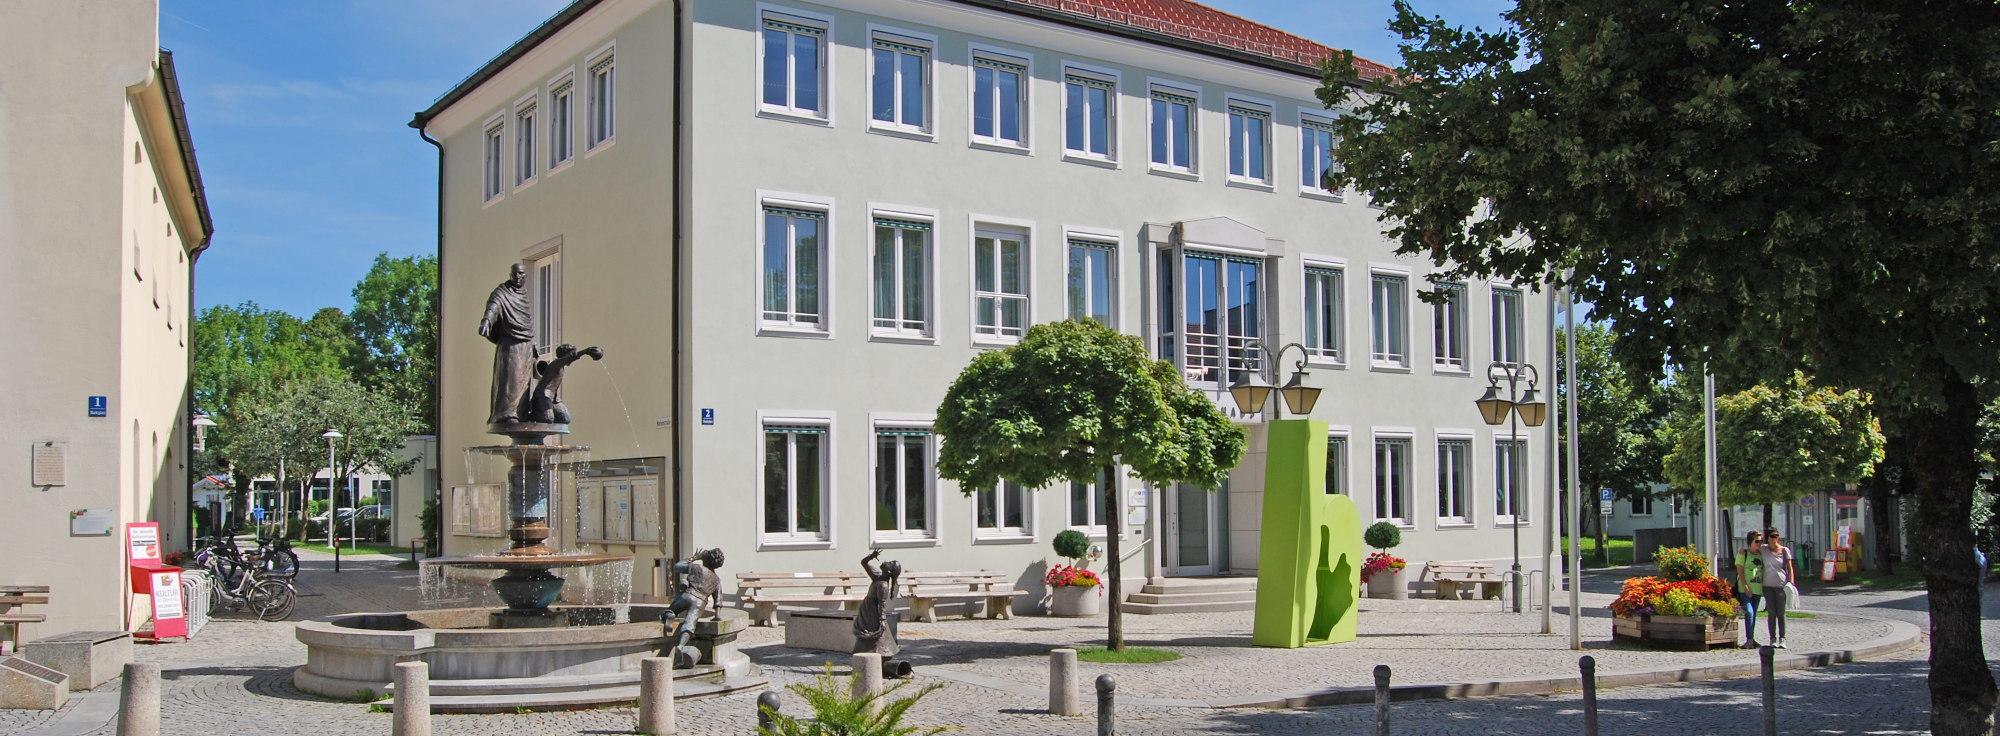 Restaurant, Cafe, Biergarten, ... Holzkirchen